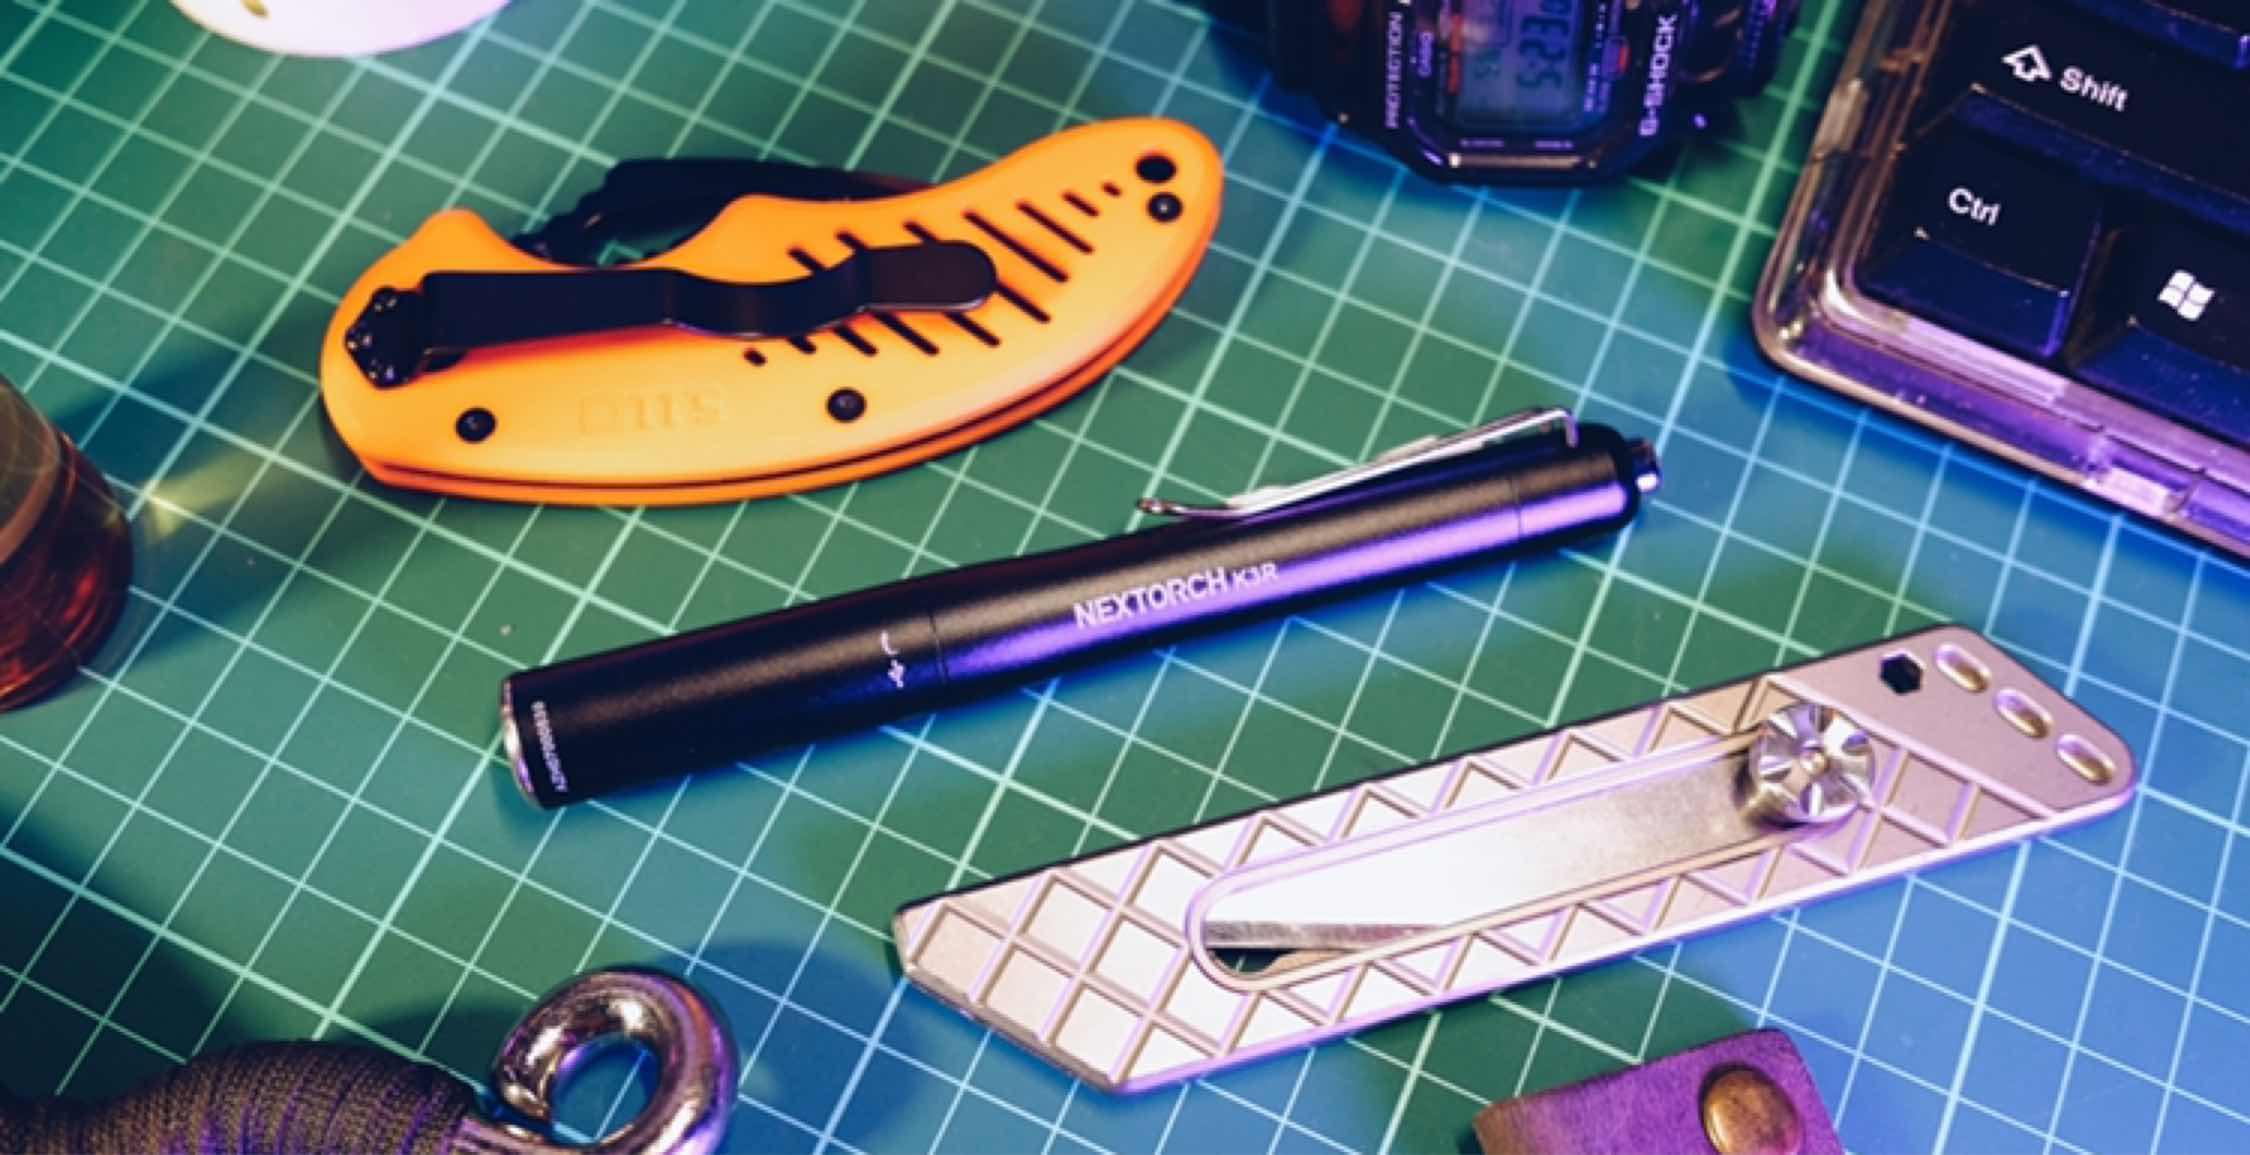 原来你是这样的一支笔 ——NEXTORCH K3R笔形手电测评